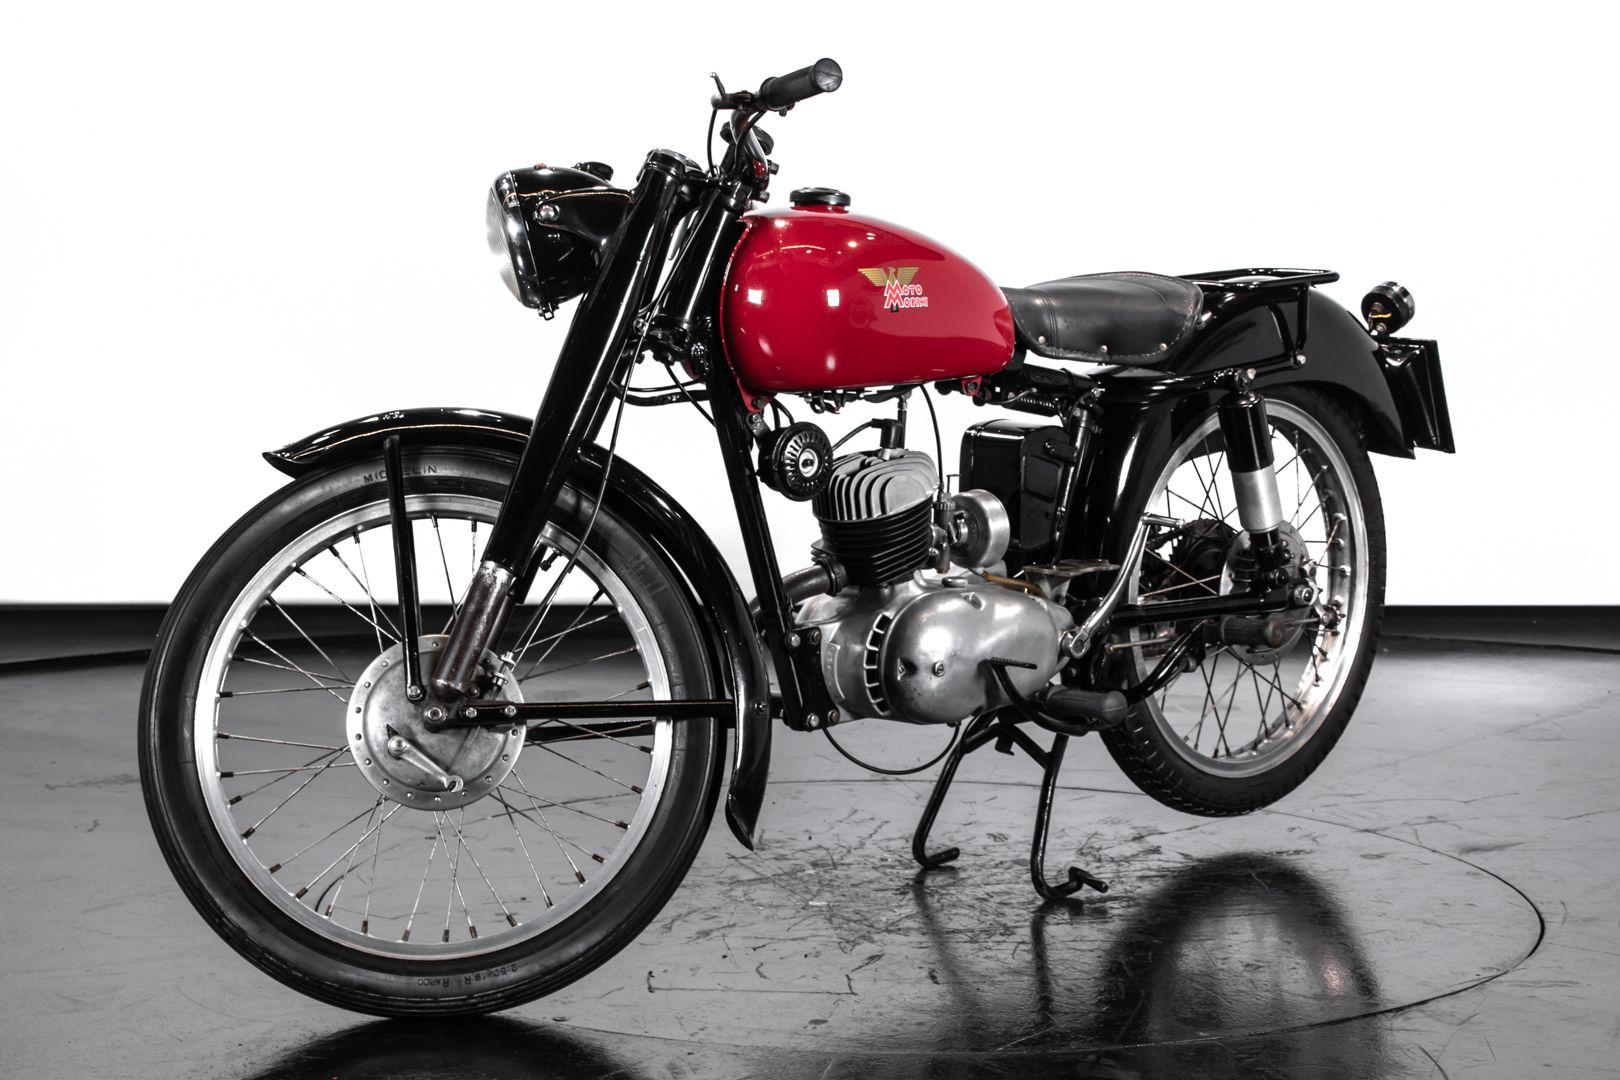 1961 Moto Morini Motore Corto 2T 125 78304